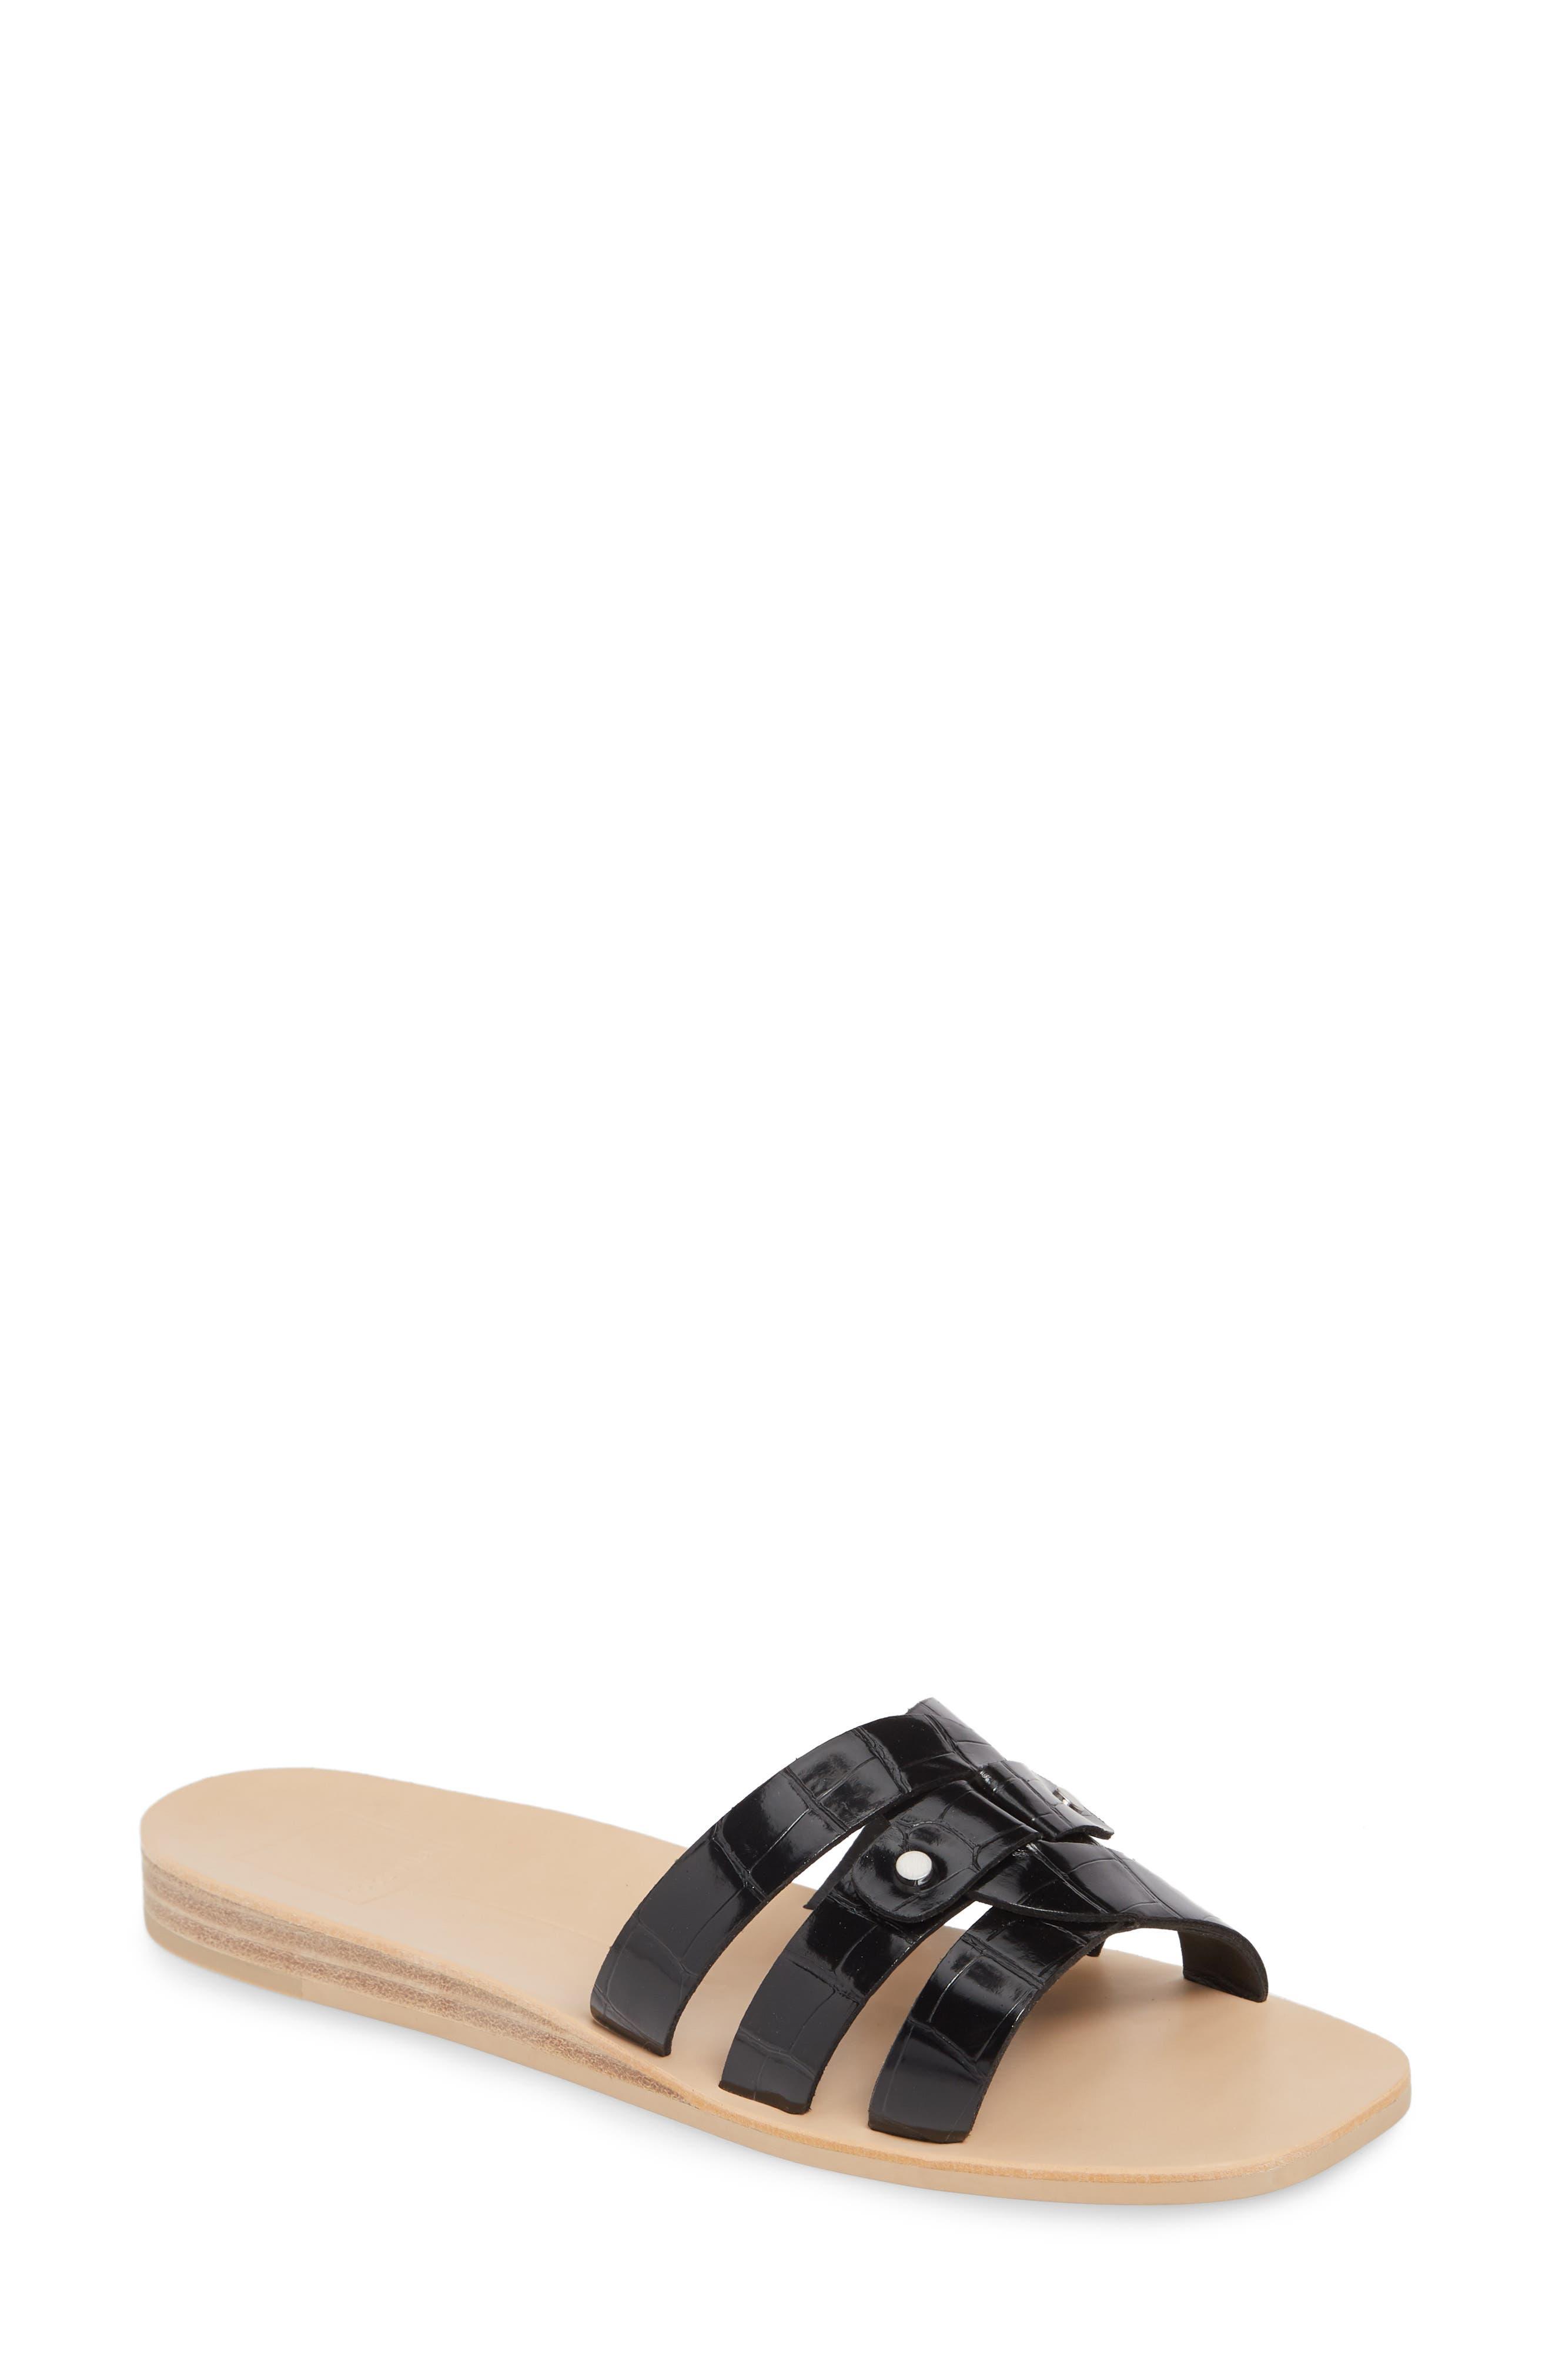 Dolce Vita Cait Slide Sandal, Black